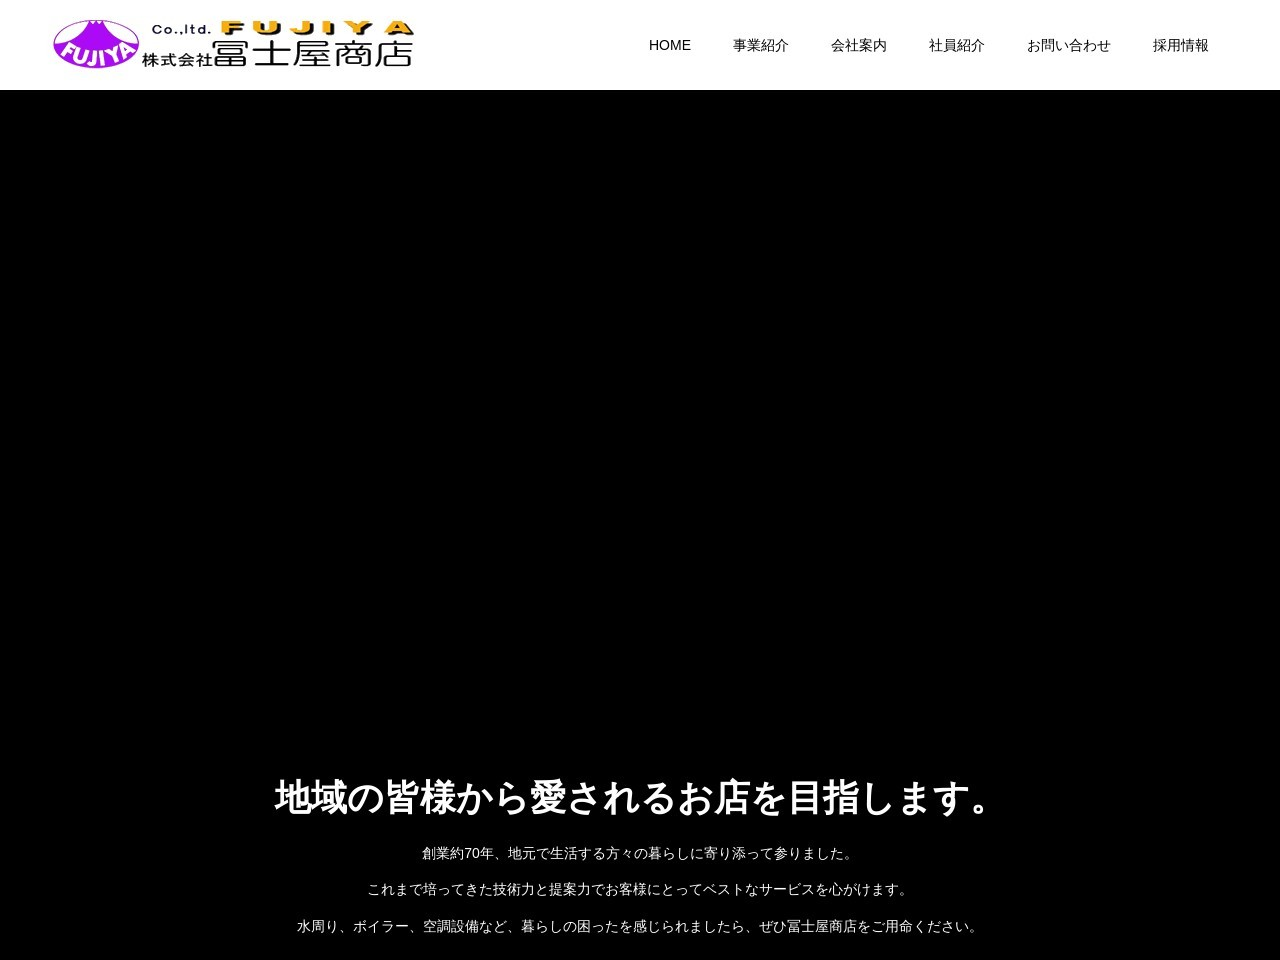 株式会社冨士屋商店可児営業所